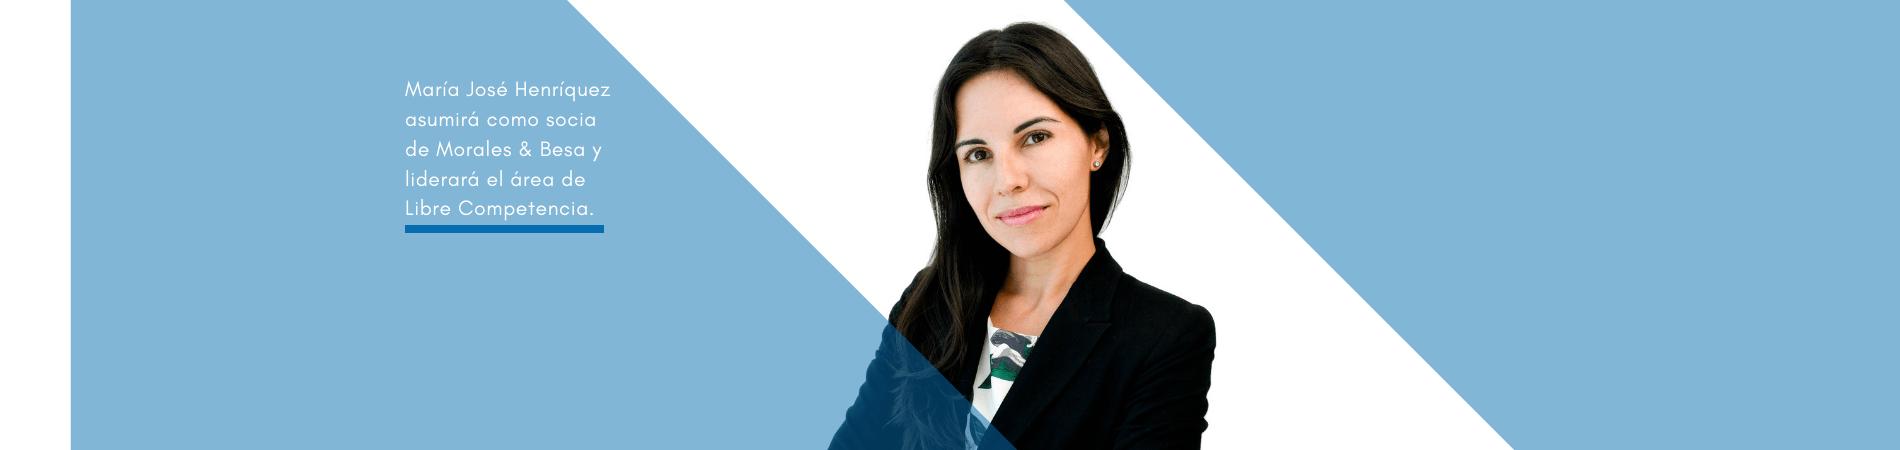 María José Henríquez asume como socia en Morales & Besa